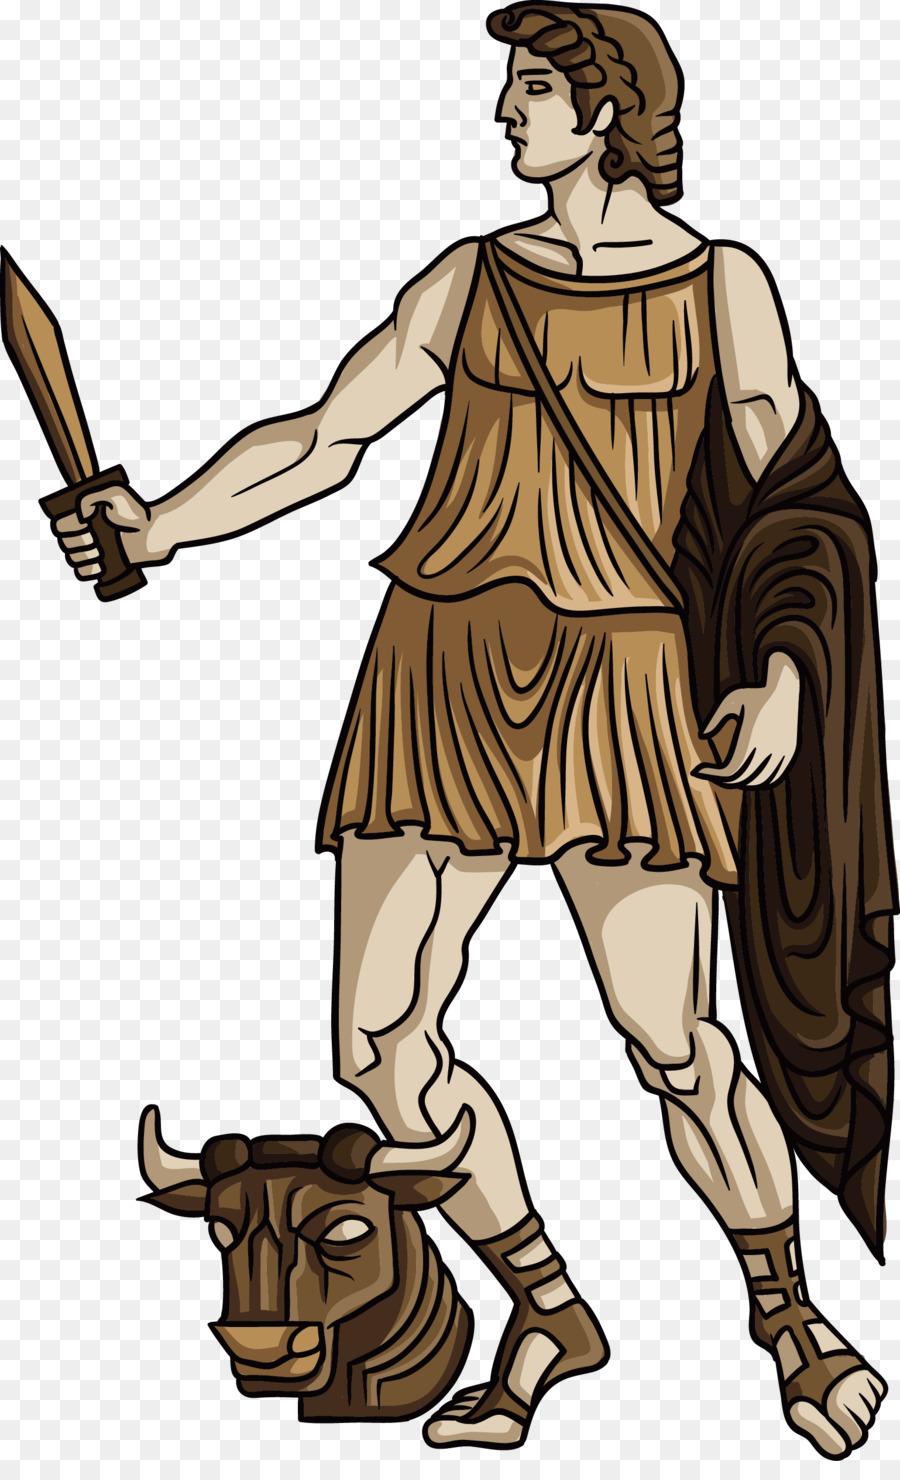 Greek Mythology PNG HD - 137565